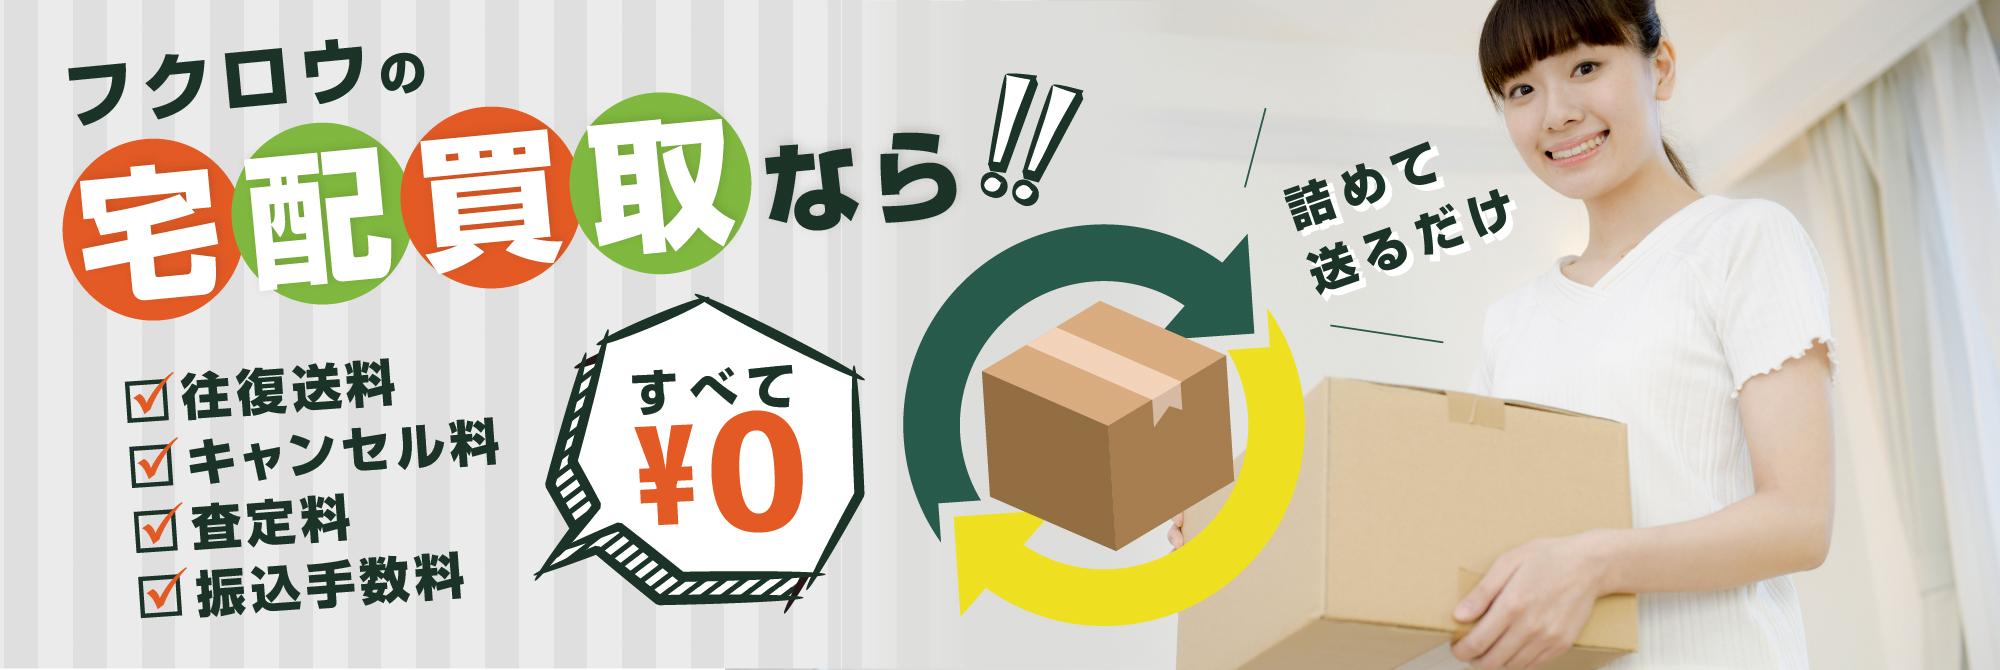 神戸市・西宮市のリサイクルショップふくろう   24時間OK! 不用品回収・家具・業務用品・遺品整理